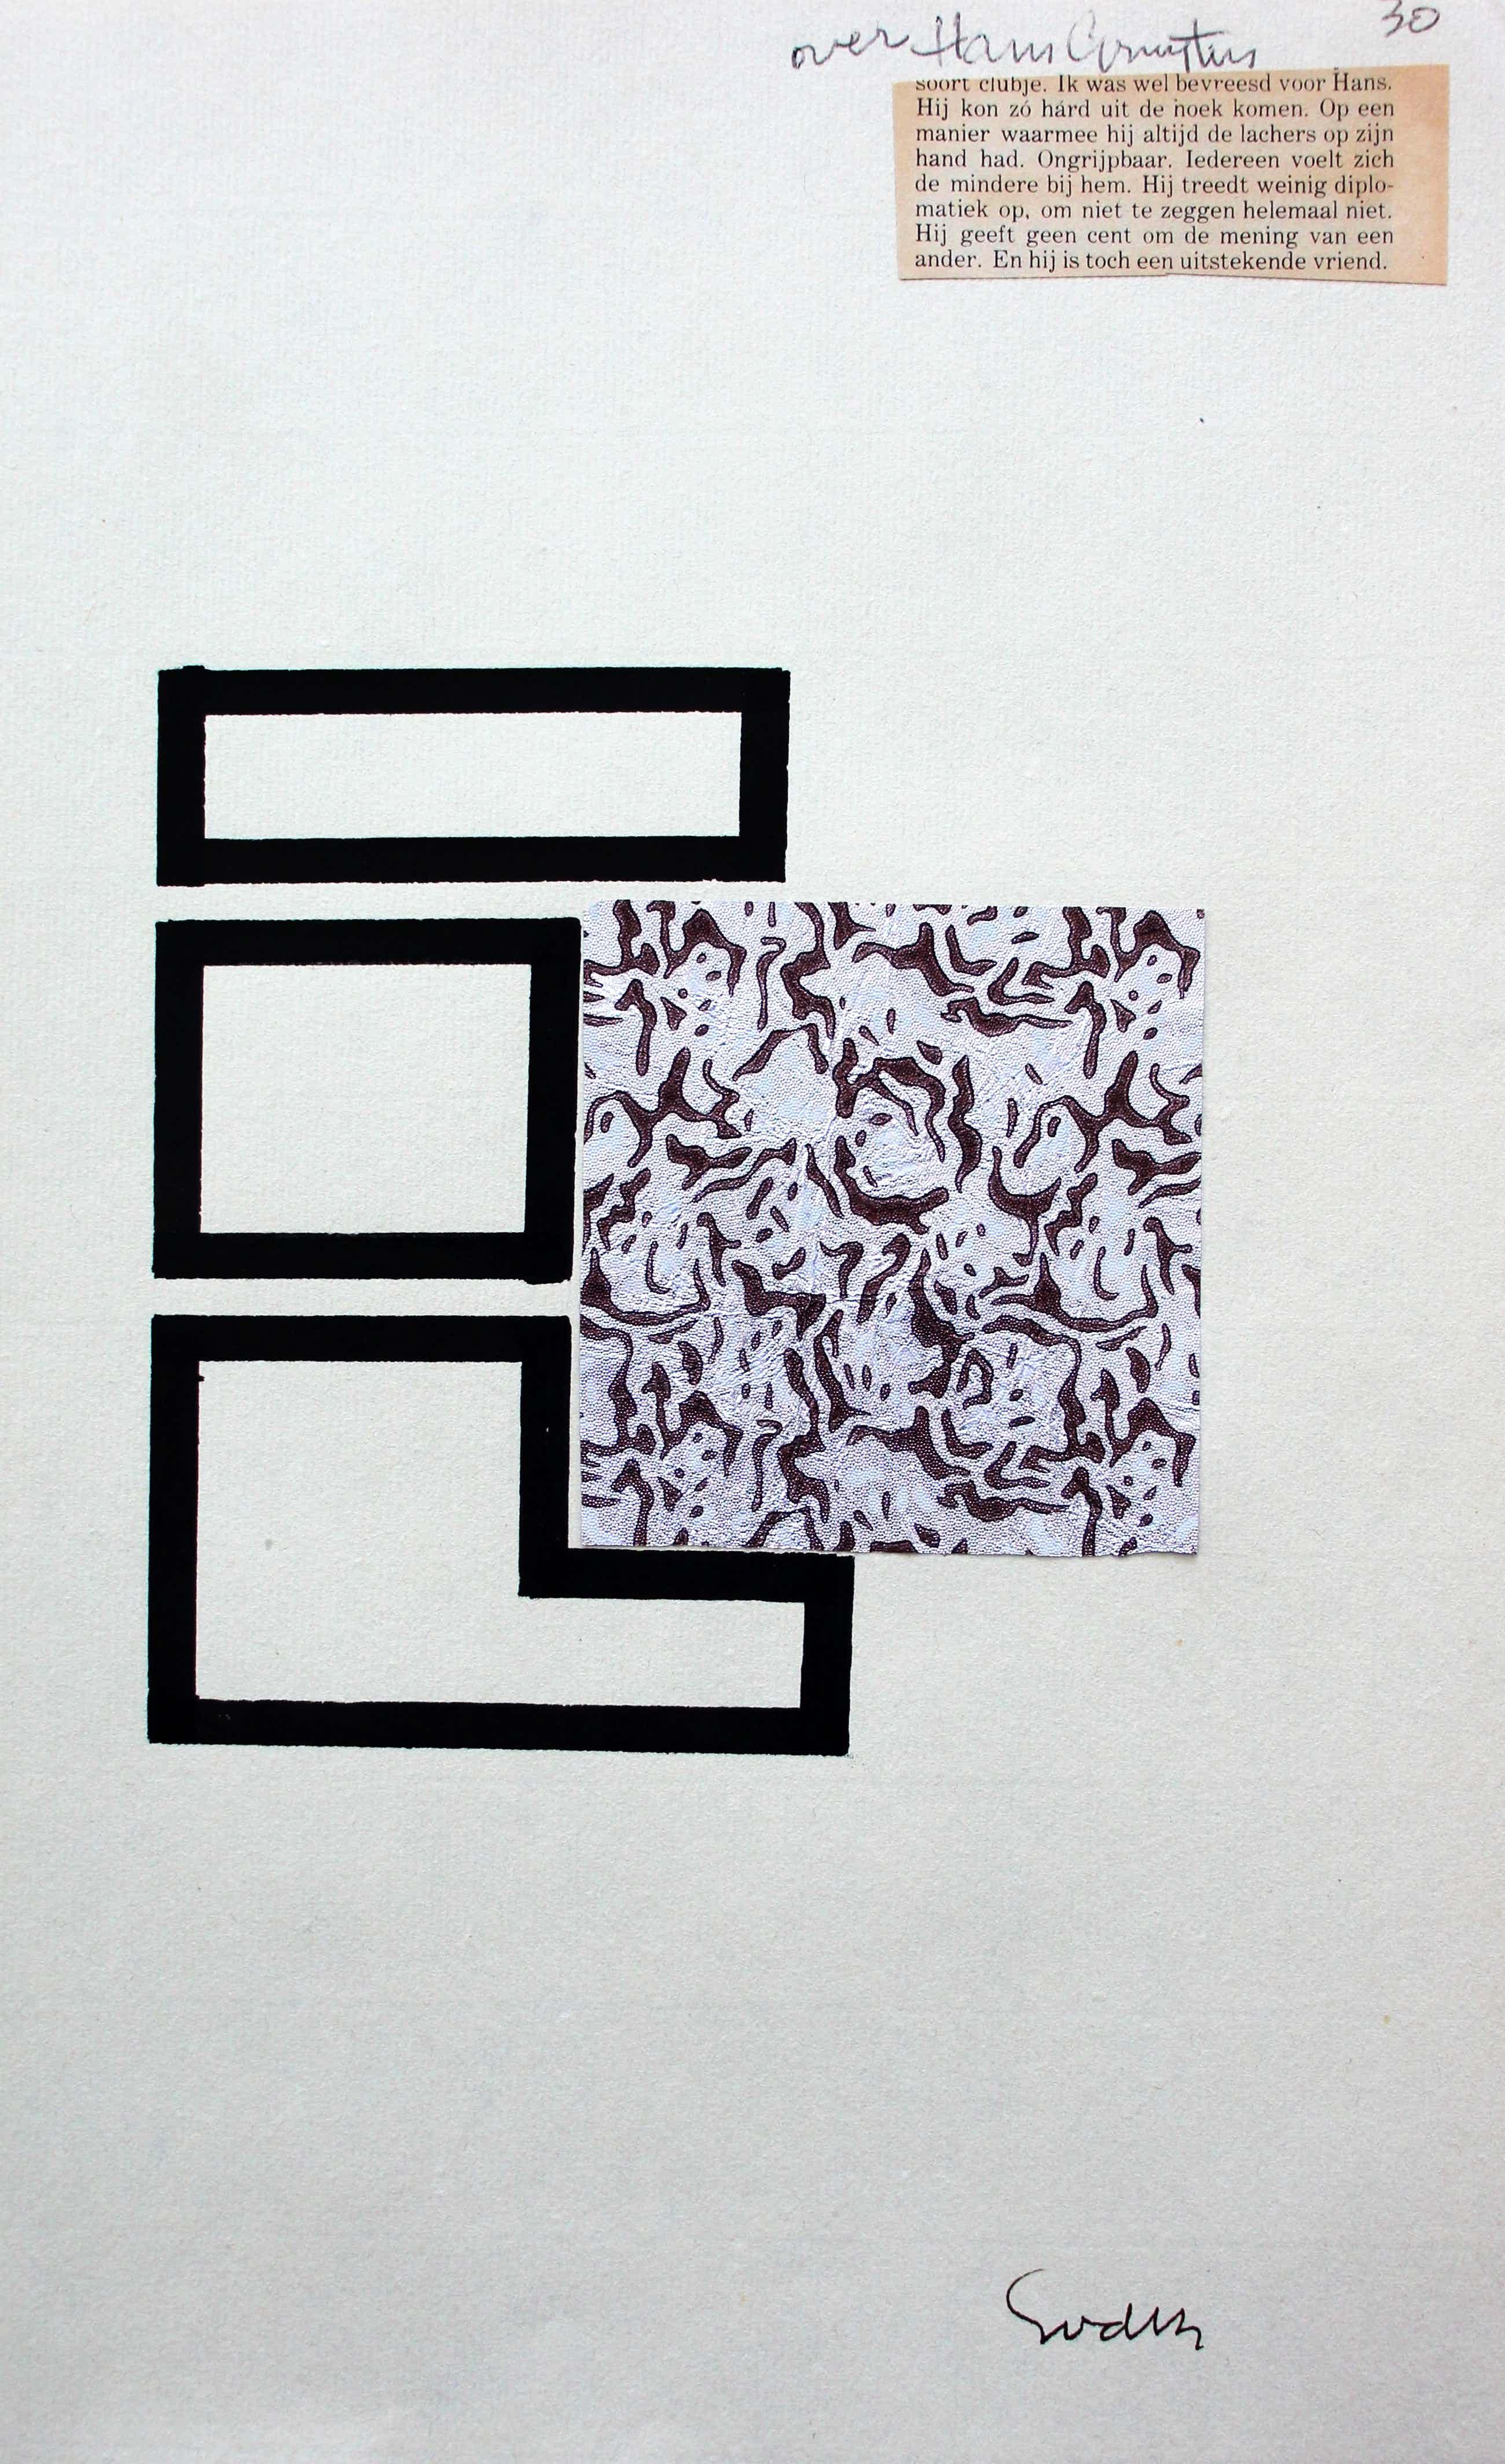 Siep van den Berg - collage/potloodtekening - 1977- gesigneerd kopen? Bied vanaf 85!